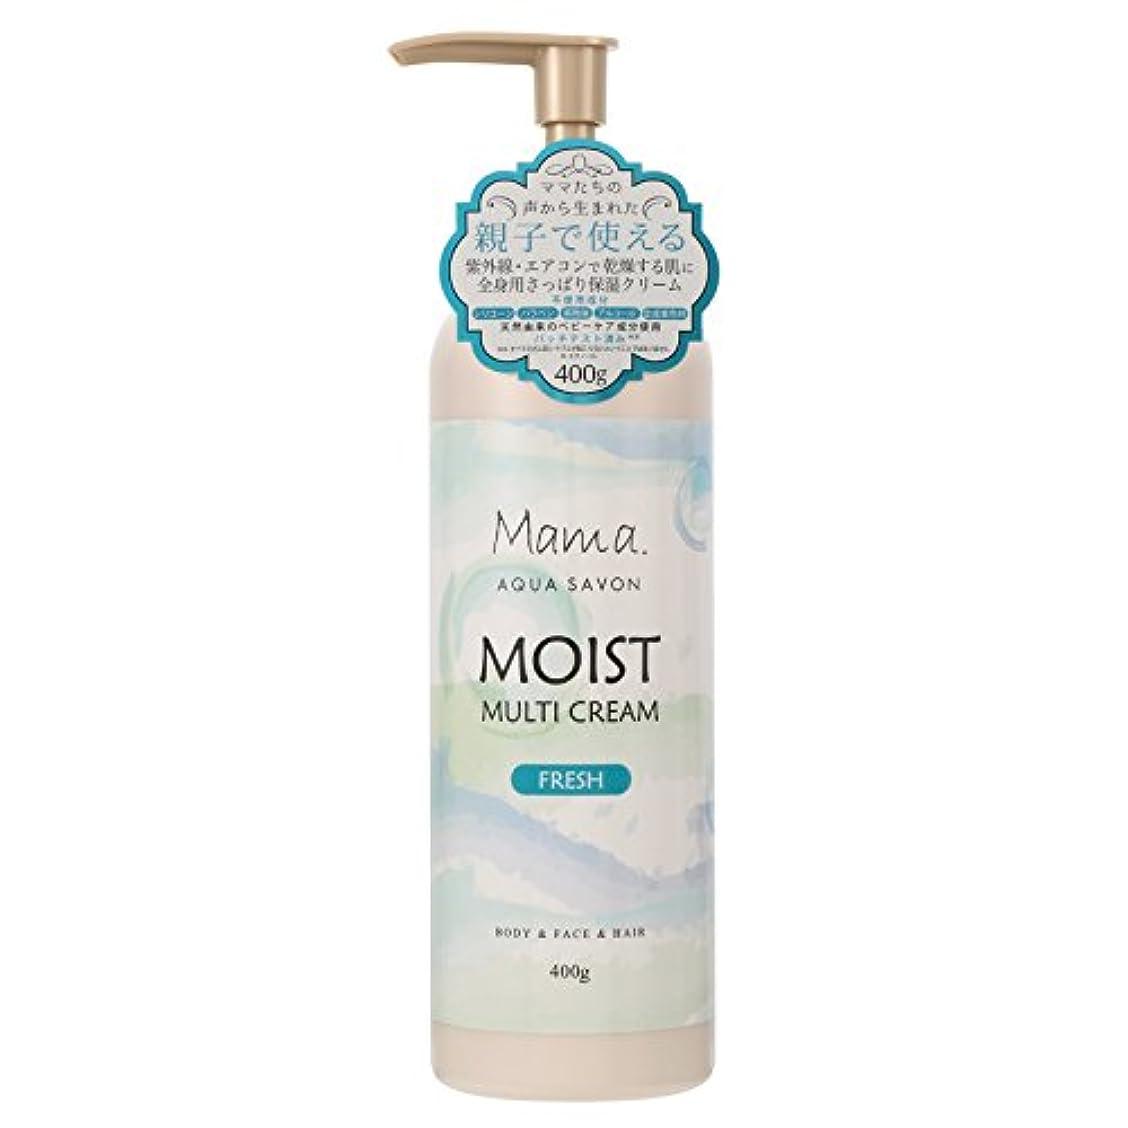 現実的つかの間配偶者ママアクアシャボン モイストマルチクリーム フレッシュ グリーンアロマウォーターの香り 400g